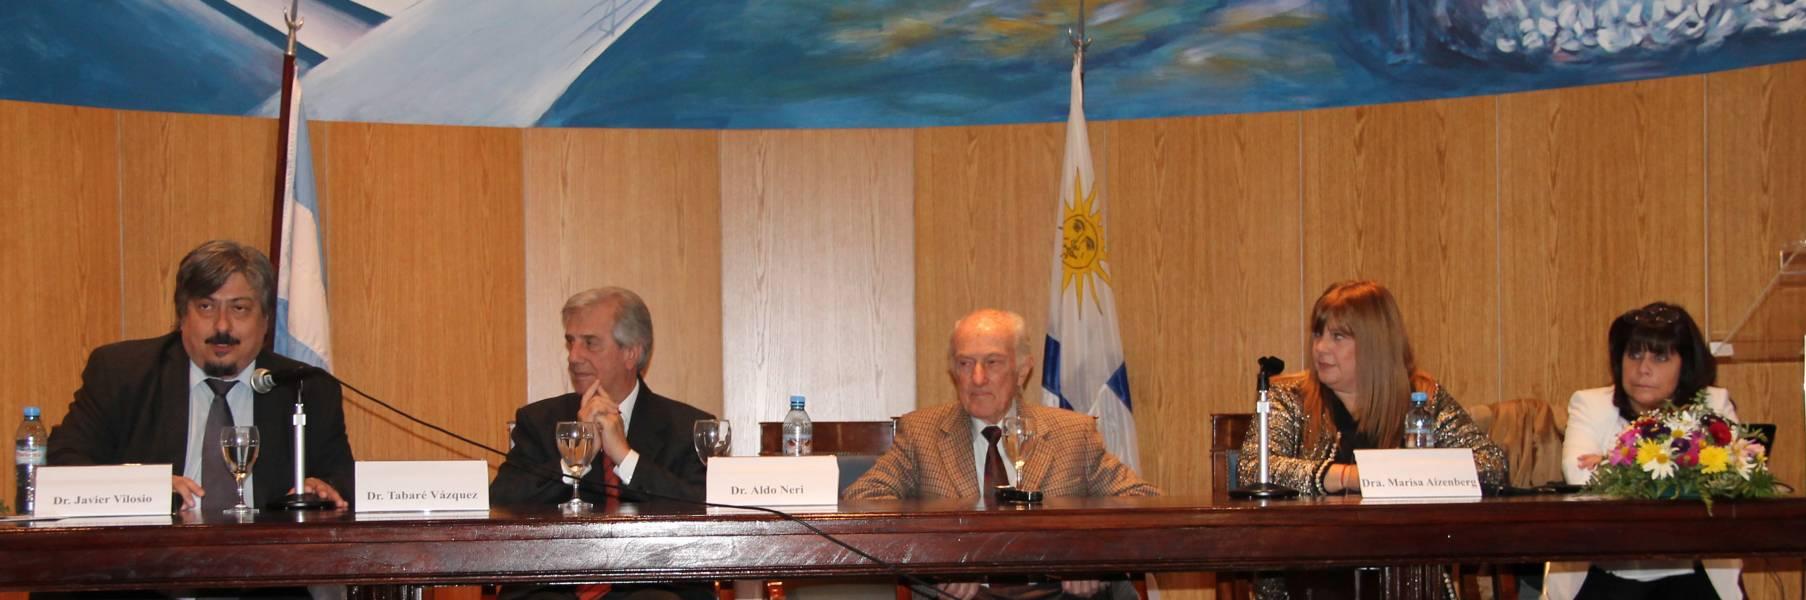 Javier Vilosio, Tabaré Vázquez, Aldo Neri, Marisa Aizenberg y María Susana Ciruzzi